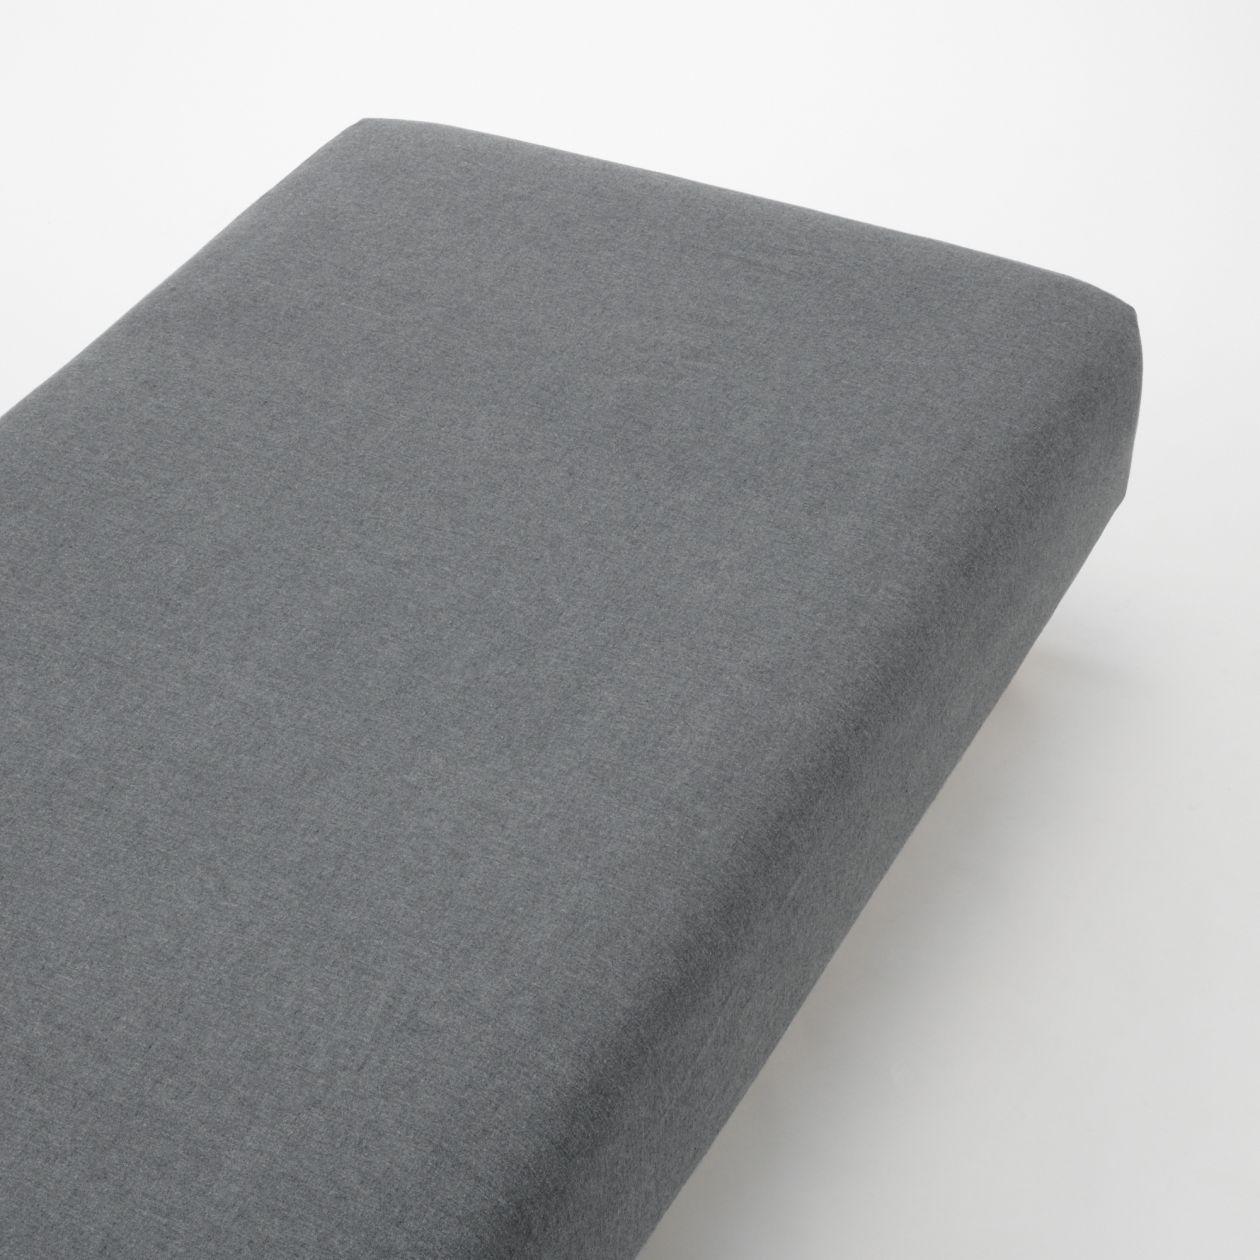 綿フランネルボックスシーツ・SD/杢グレー